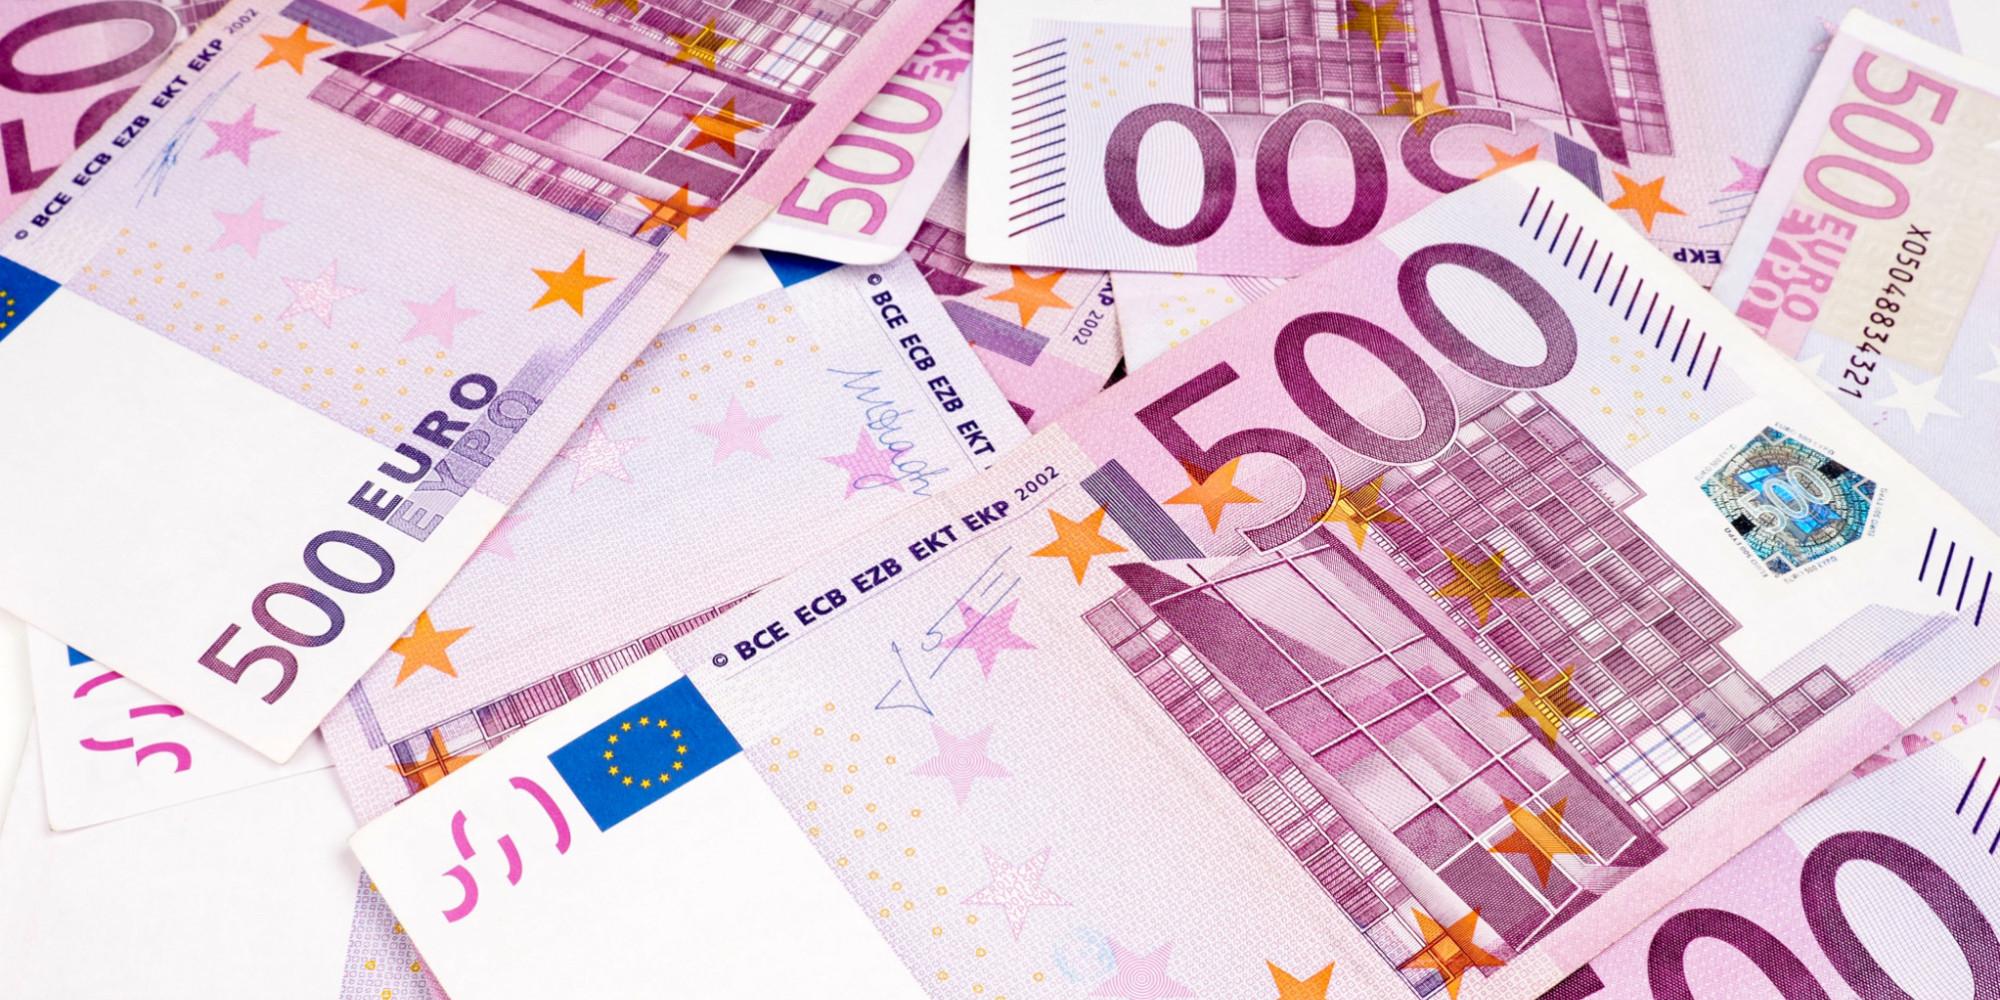 c 39 est officiel plus aucun billet de 500 euros ne sera imprim apr s 2018. Black Bedroom Furniture Sets. Home Design Ideas